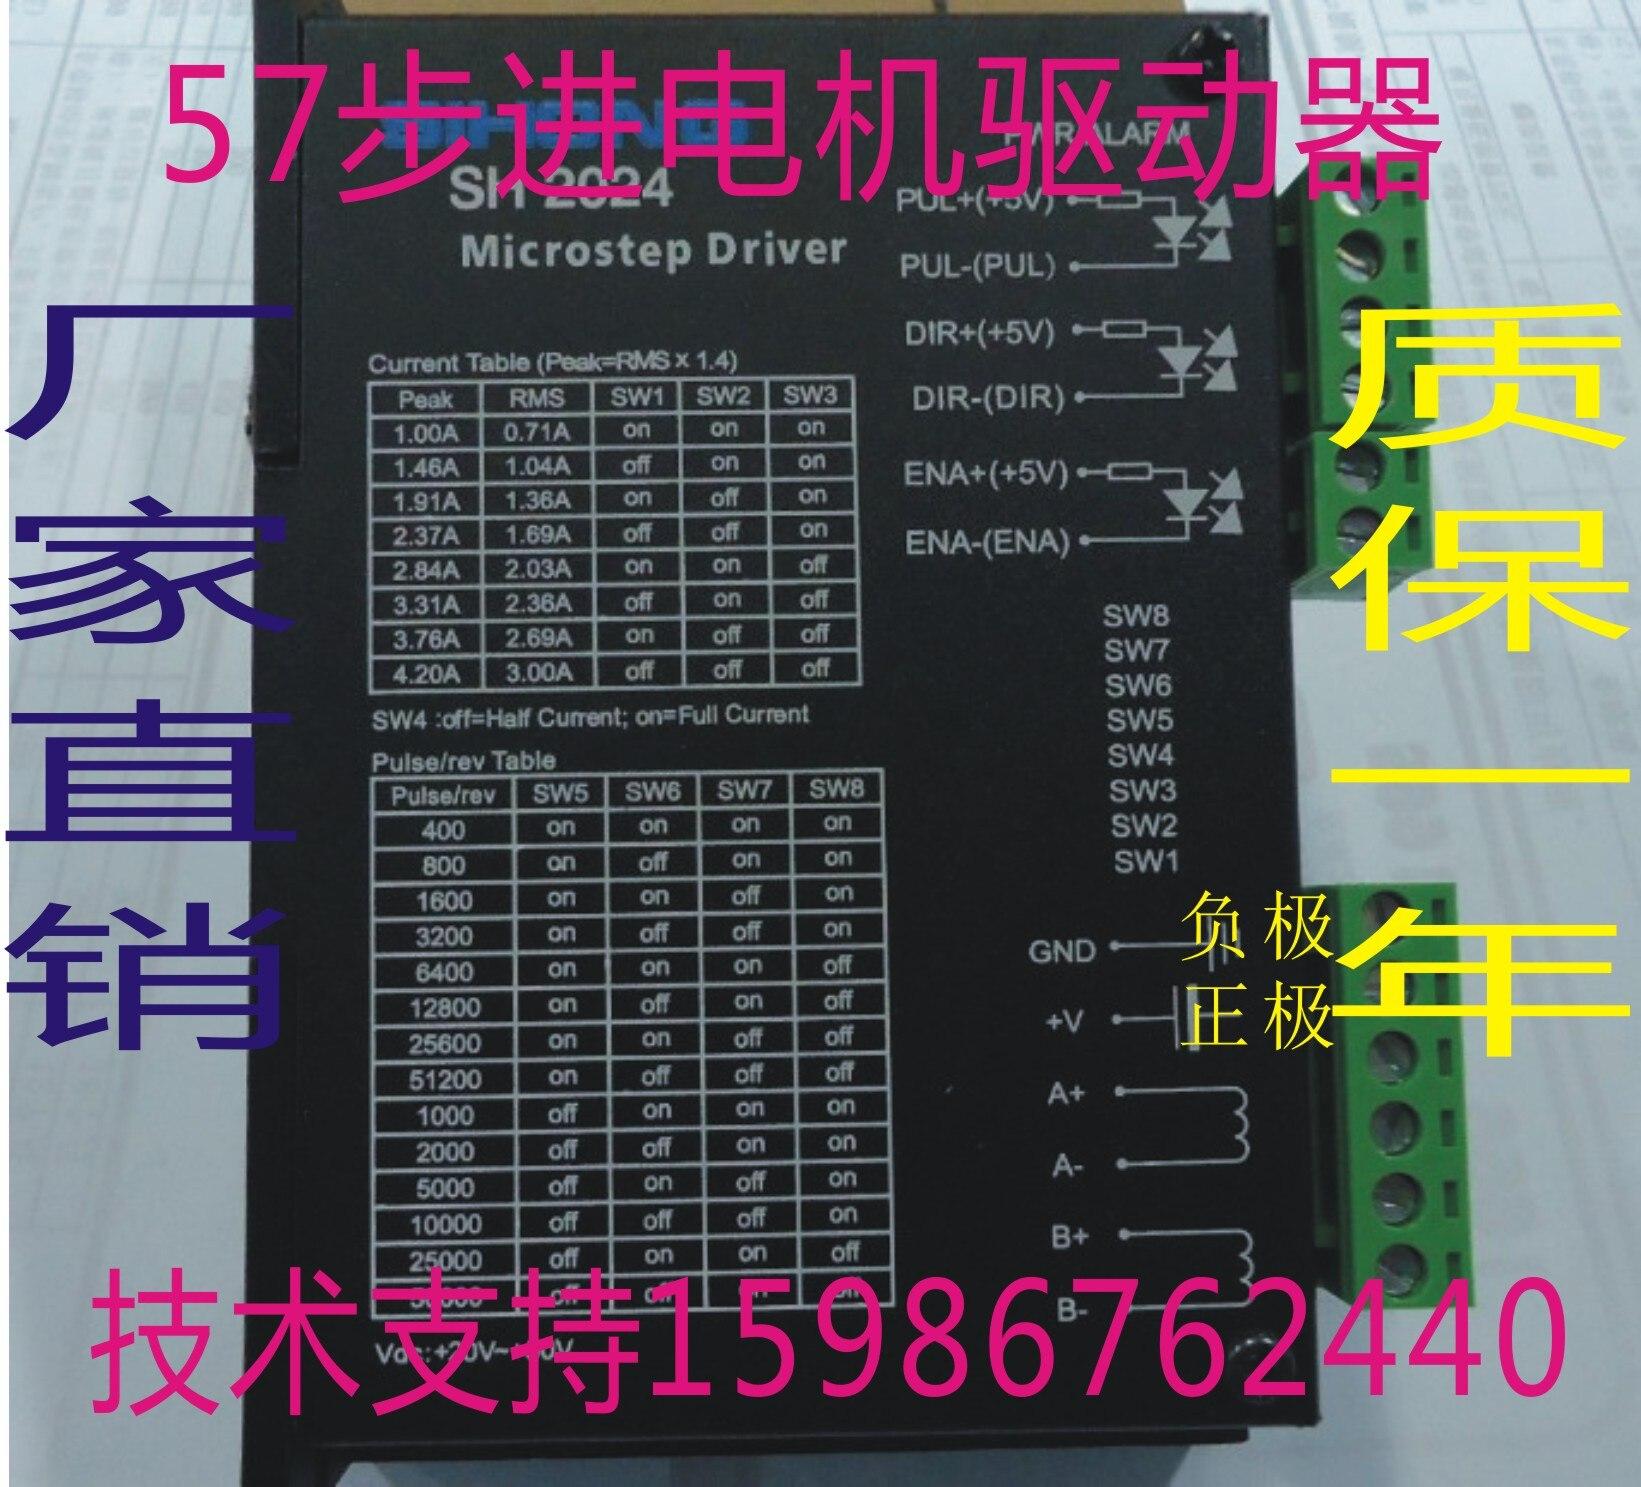 42 57 86 Stepping Motor Driver SH-2024 57 Stepping Motor Driver недорго, оригинальная цена